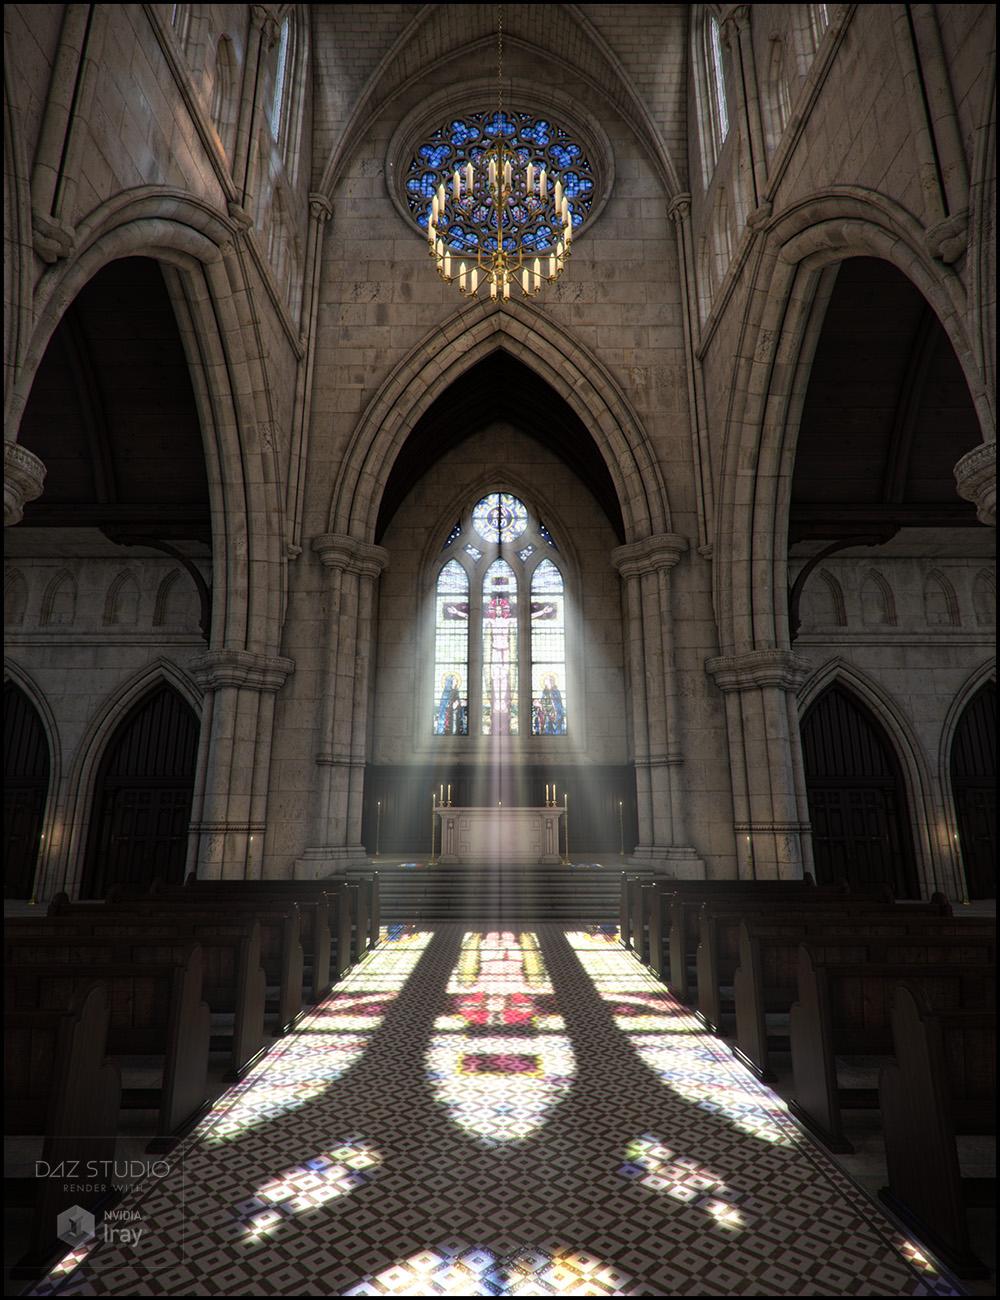 Sacrament Iray Addon by: Jack Tomalin, 3D Models by Daz 3D